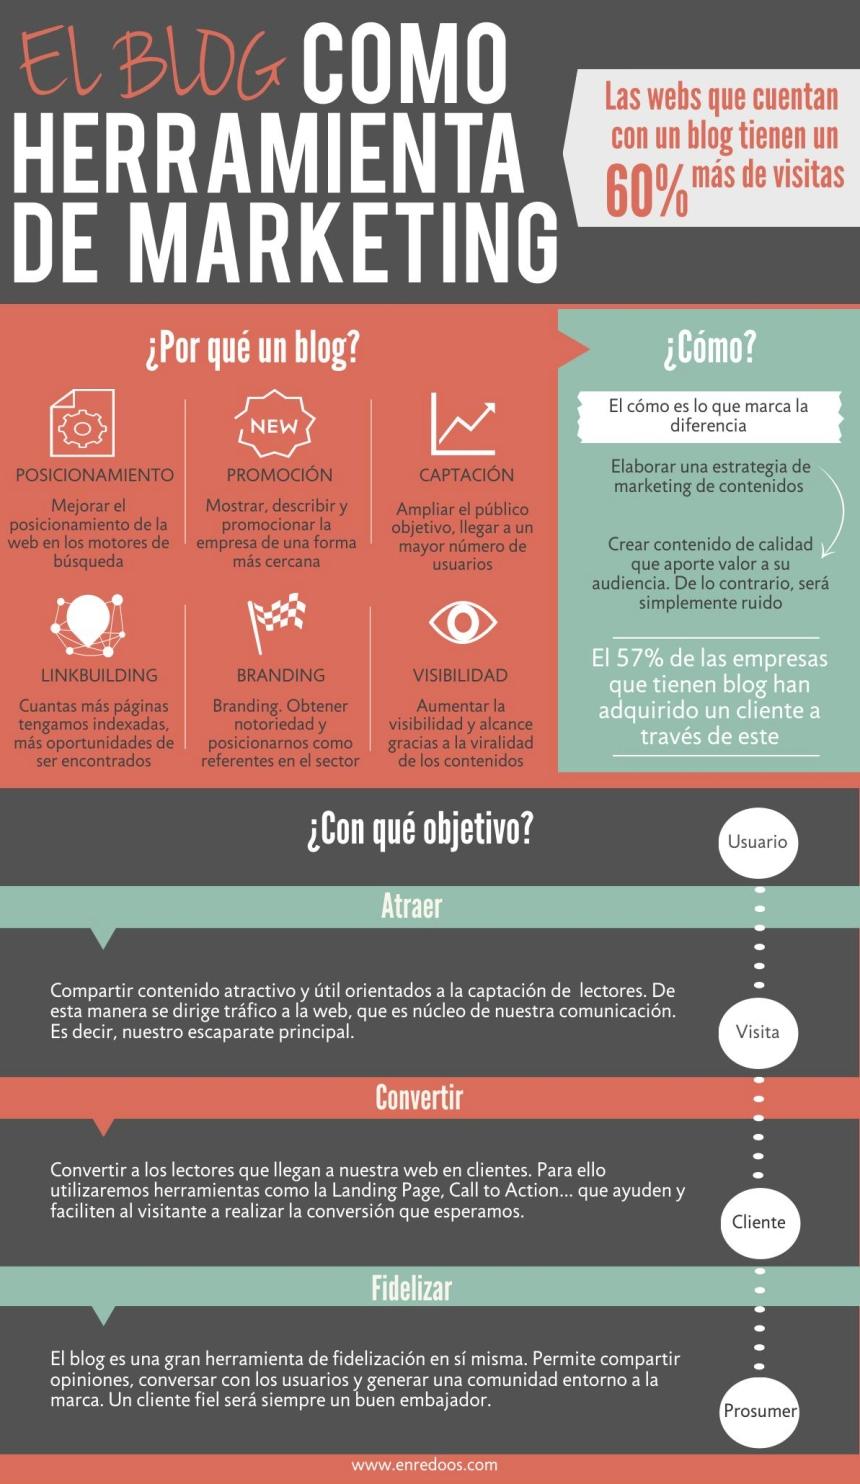 El Blog como herramienta de marketing